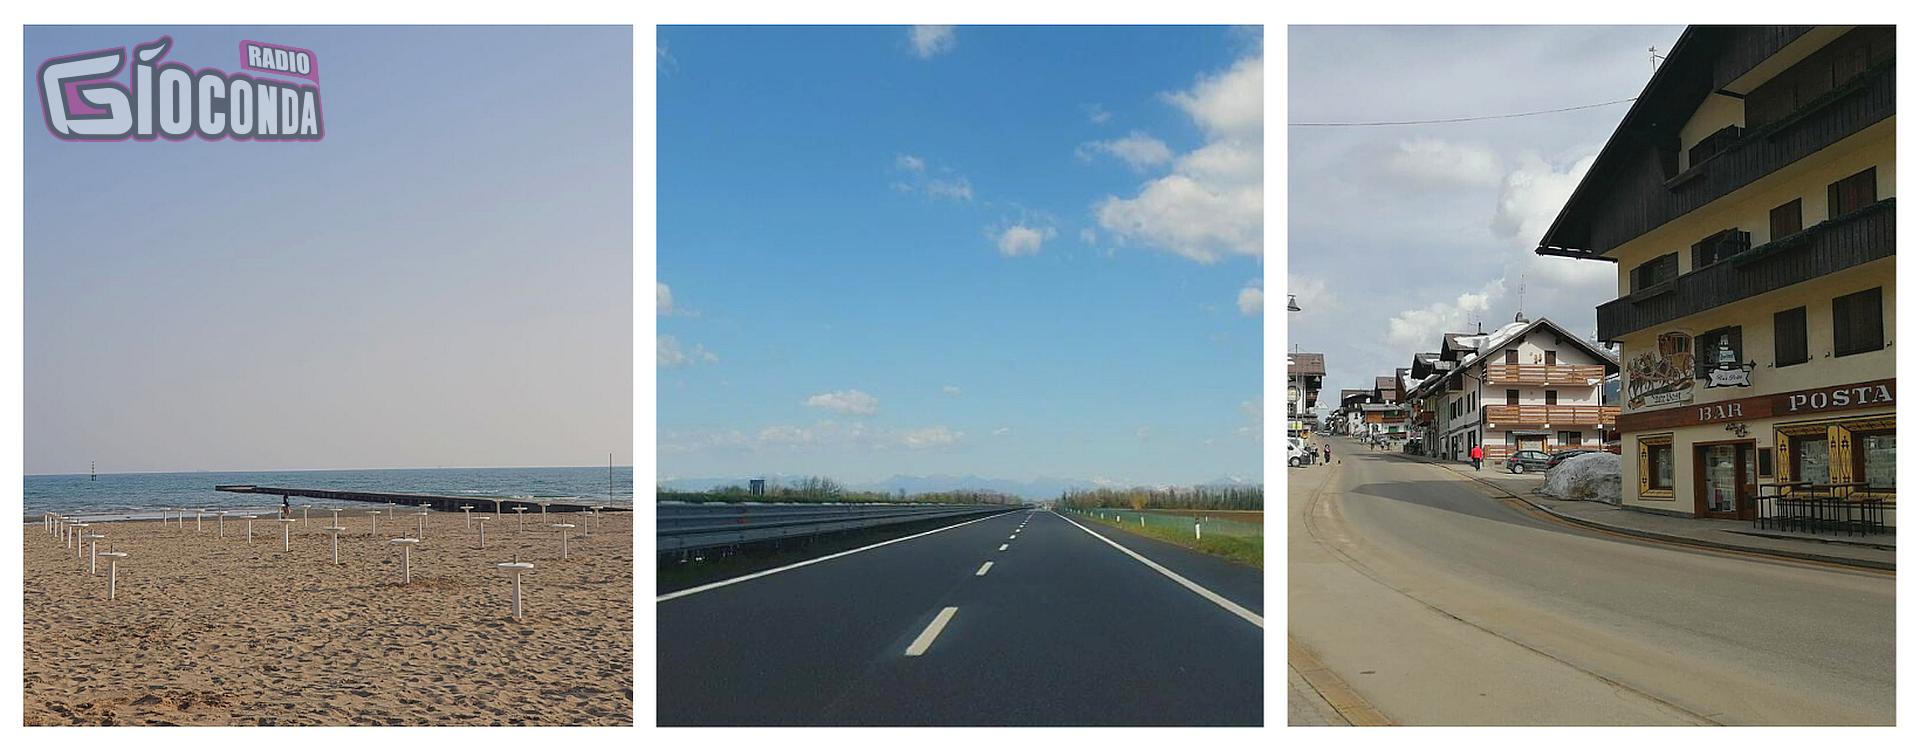 Autostrada deserta il giorno di Pasqua: dal mare ai monti tutti diligenti